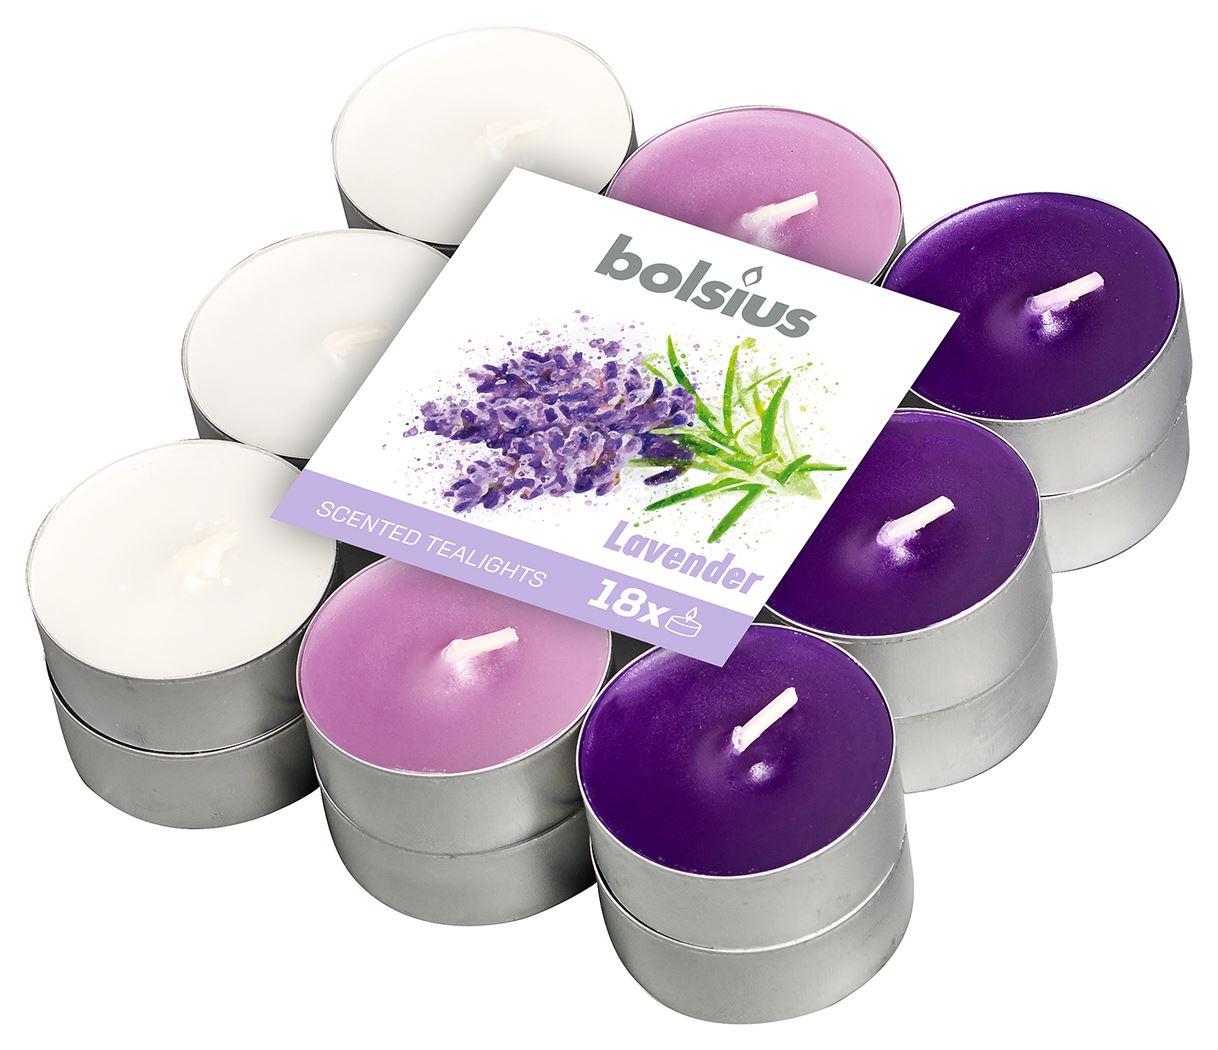 bolsius geurtheelicht 4-uur meerdere kleuren - lavendel (18sts)